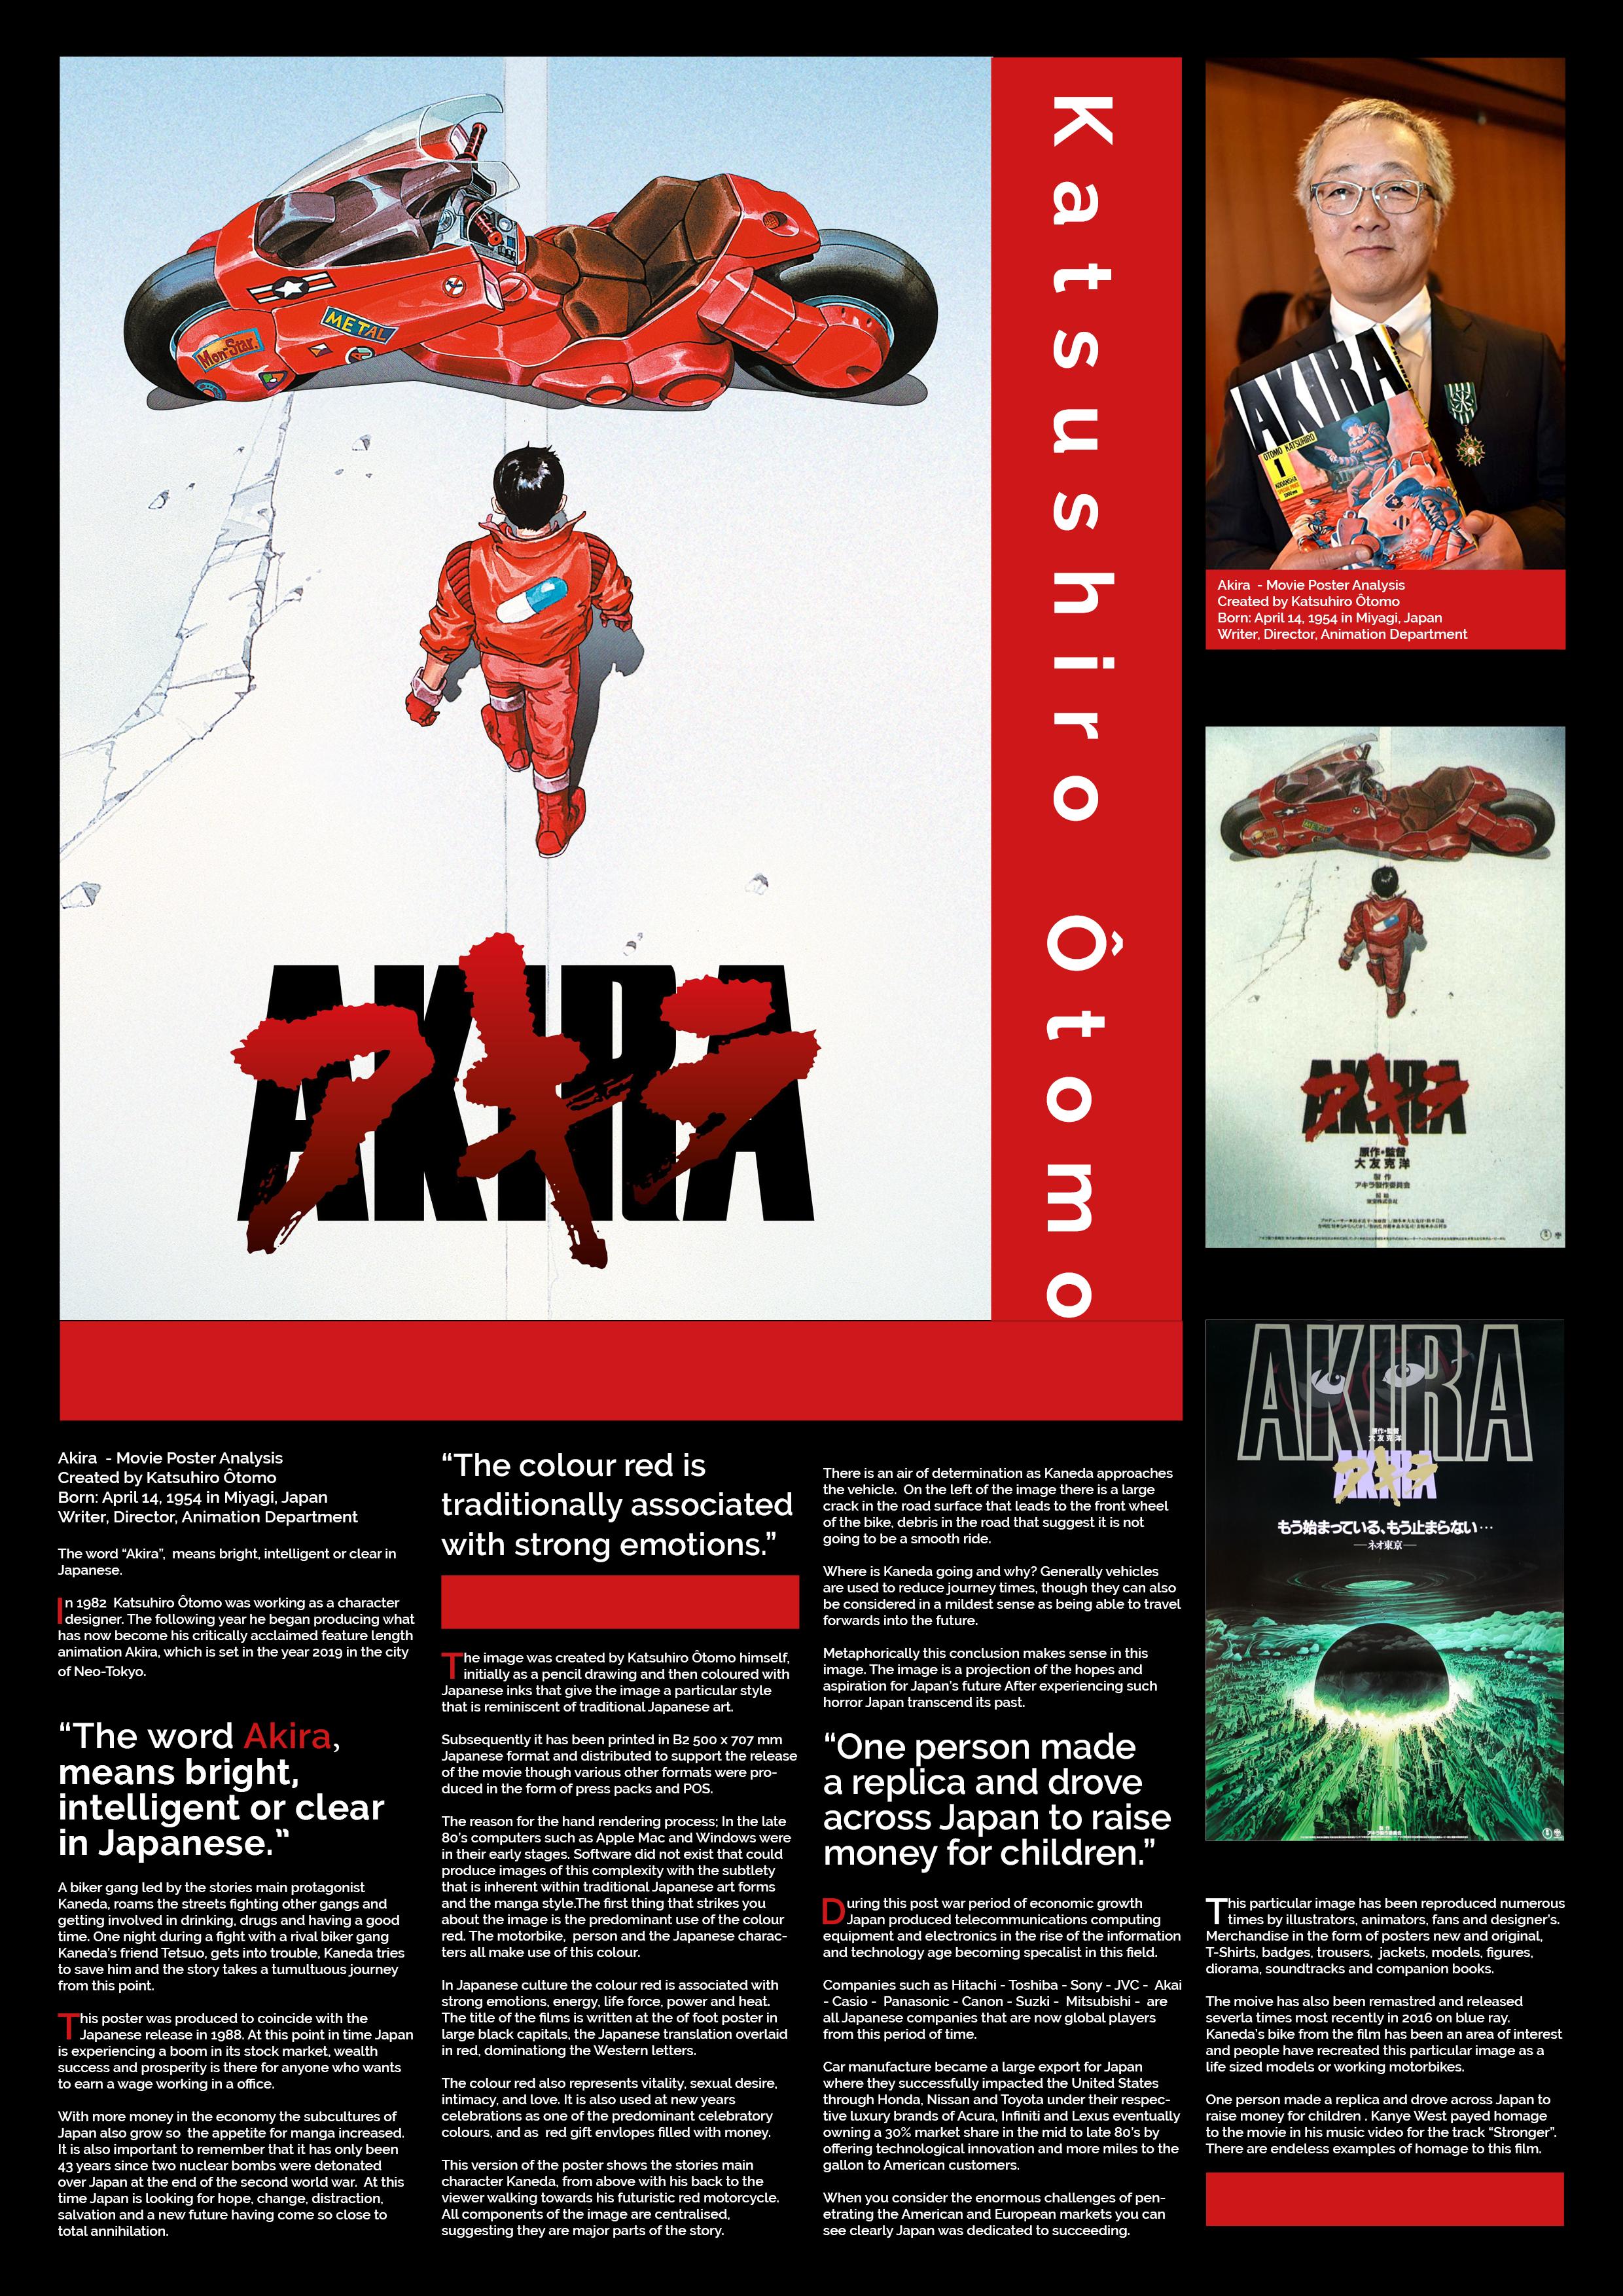 Akira EditorialPoster